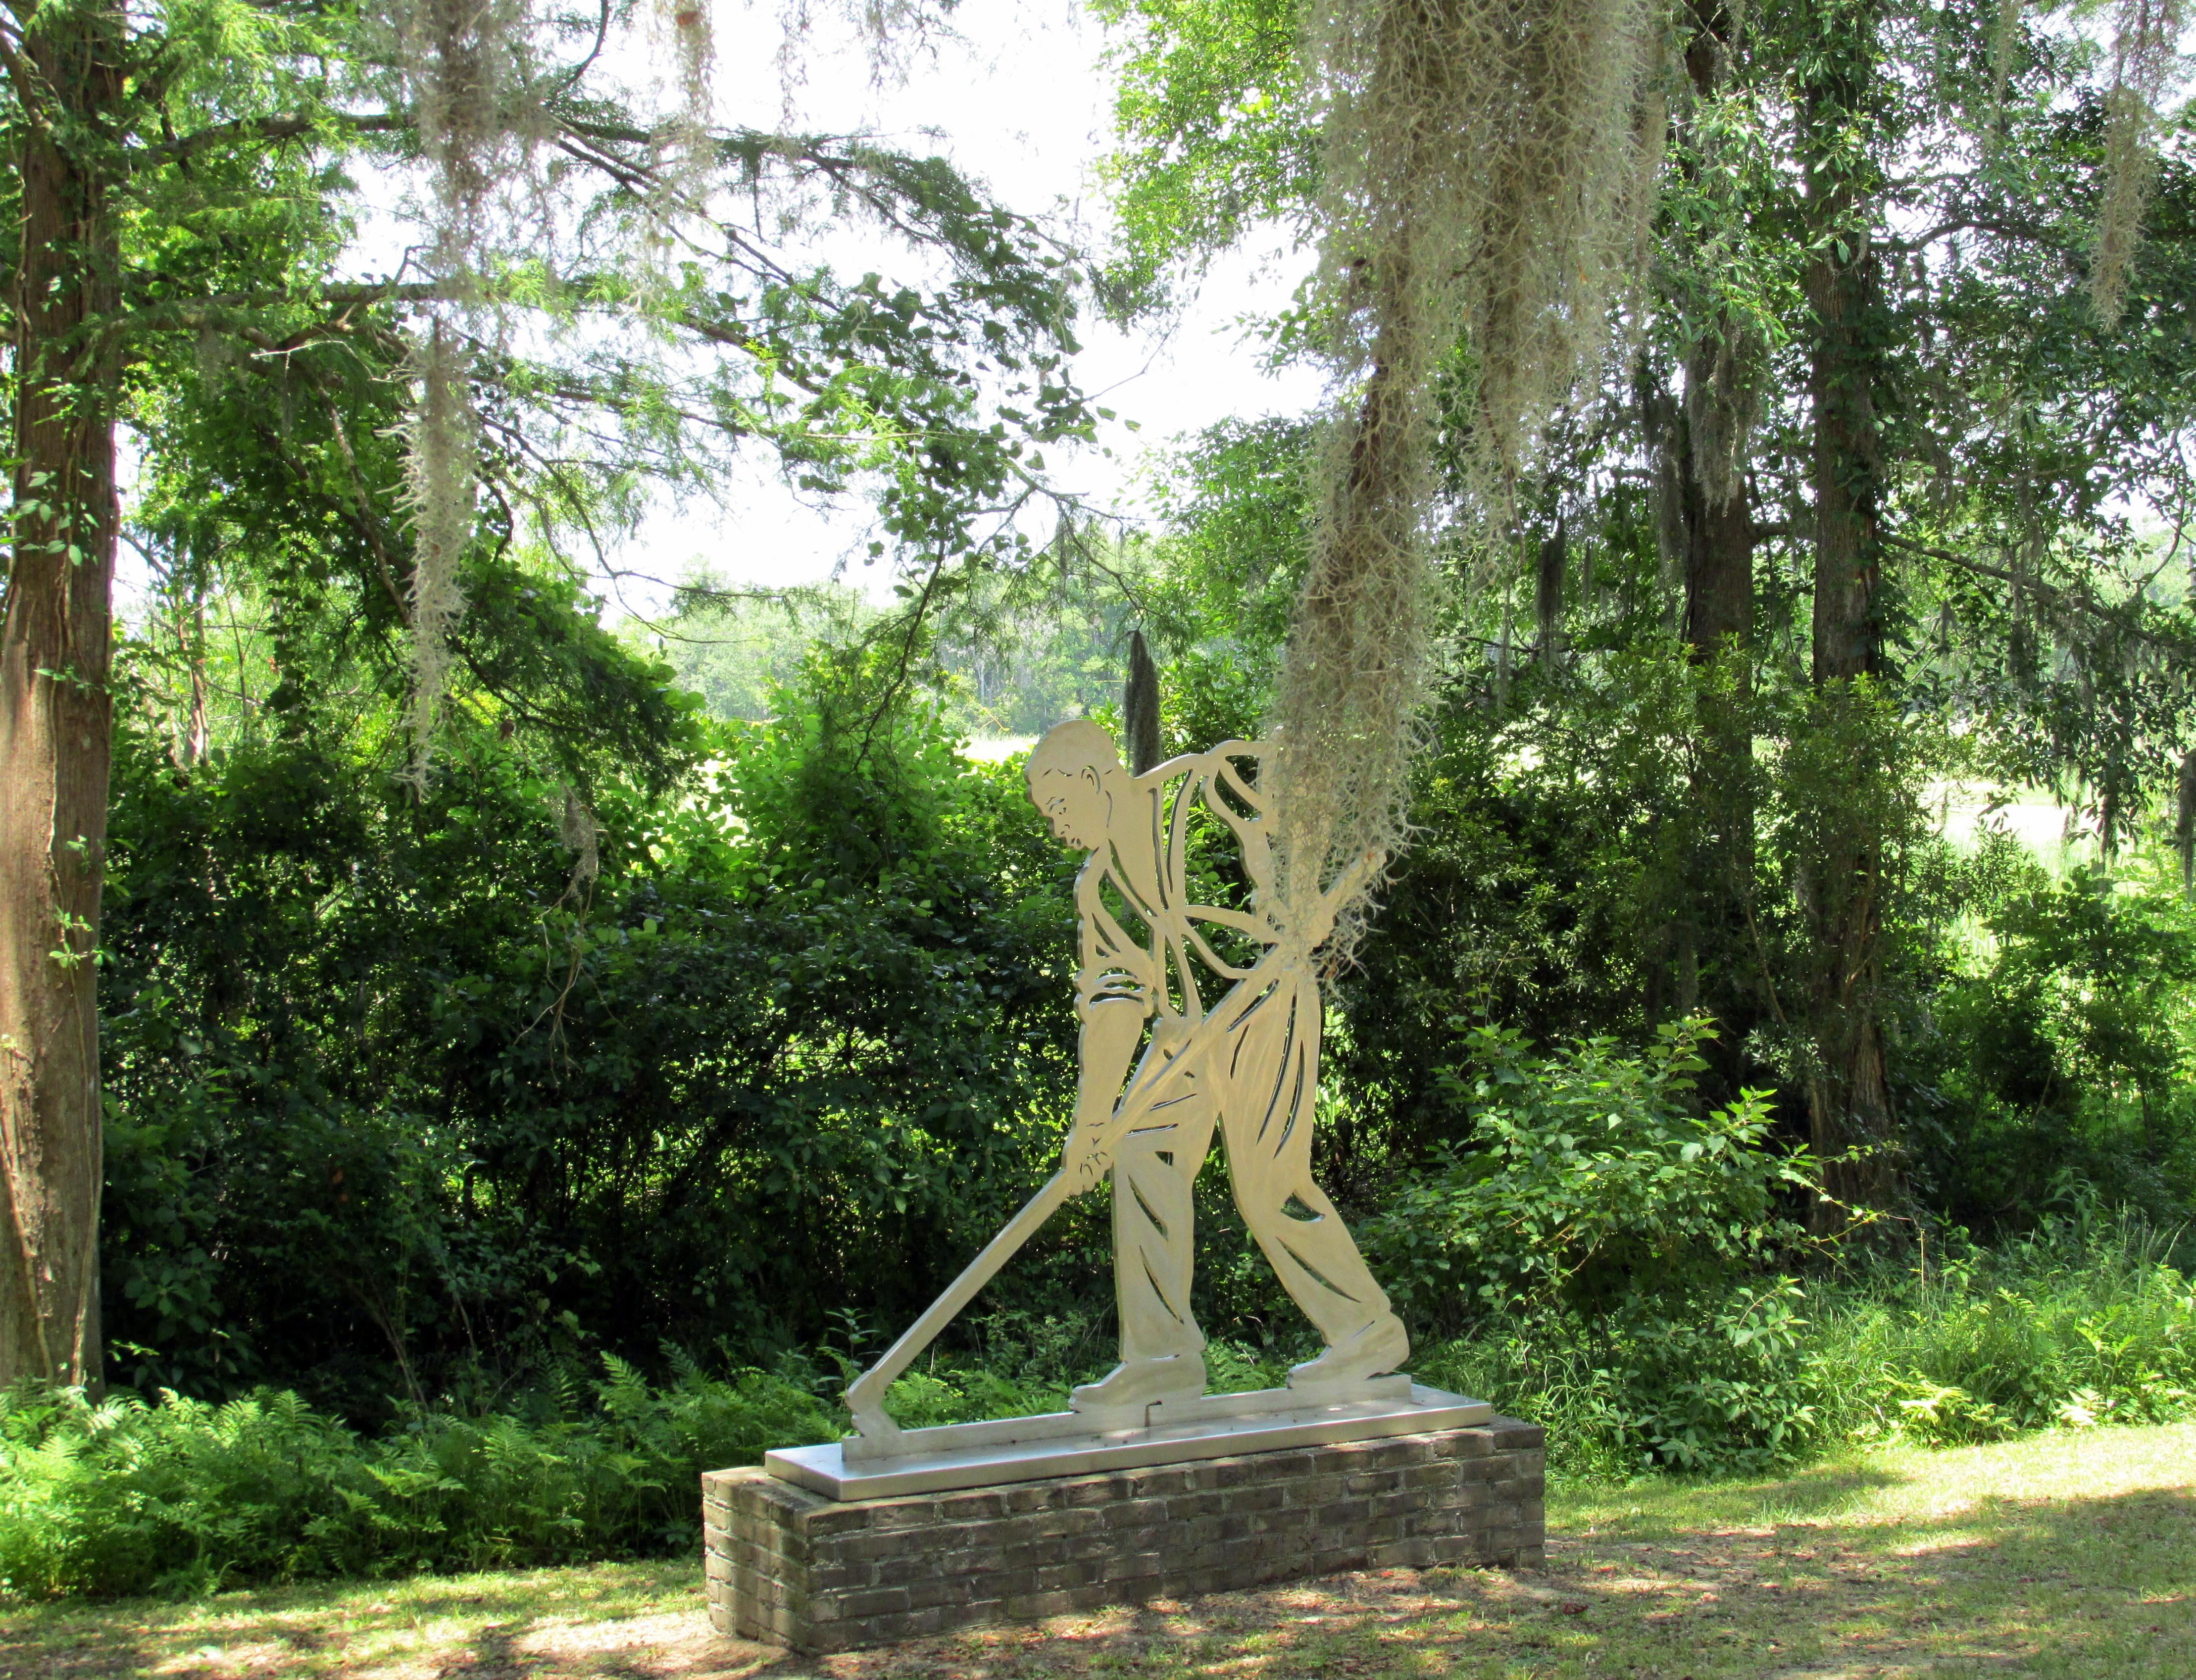 Brookgreen Gardens, Murrells Inlet, SC – A Moveable Garden